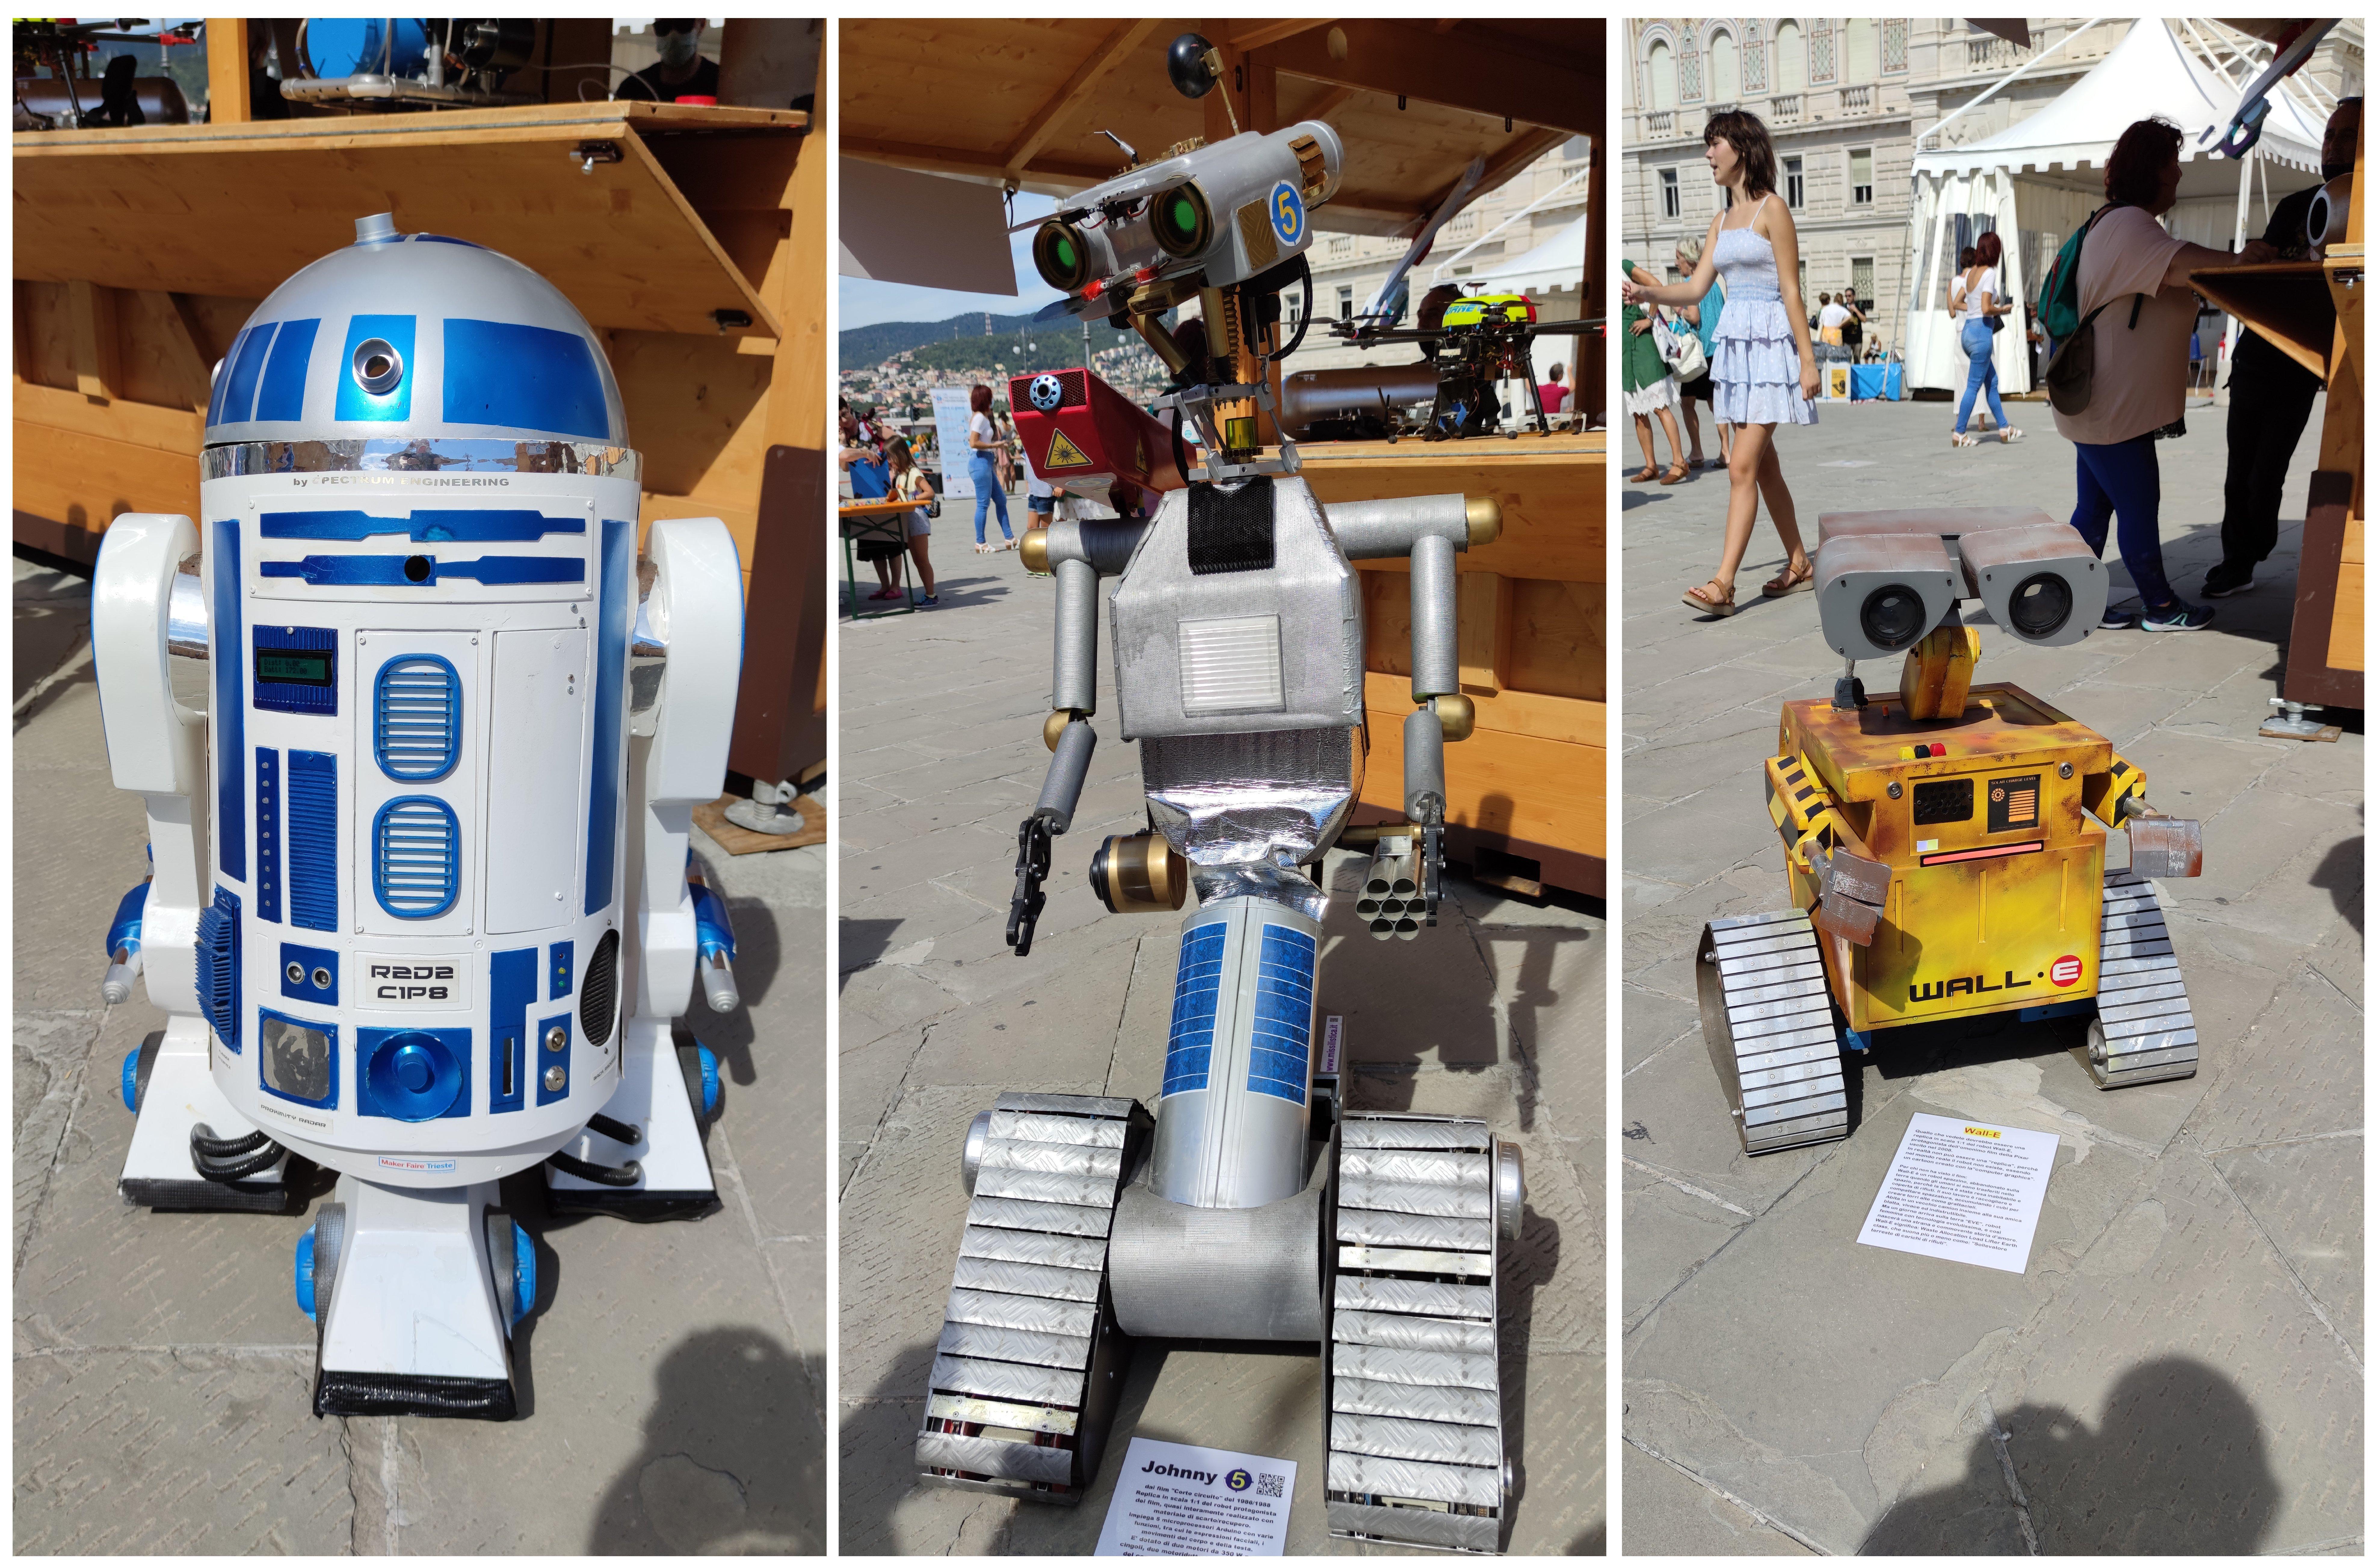 Robot repliche da film: R2D2, Johnny5, Wall-e